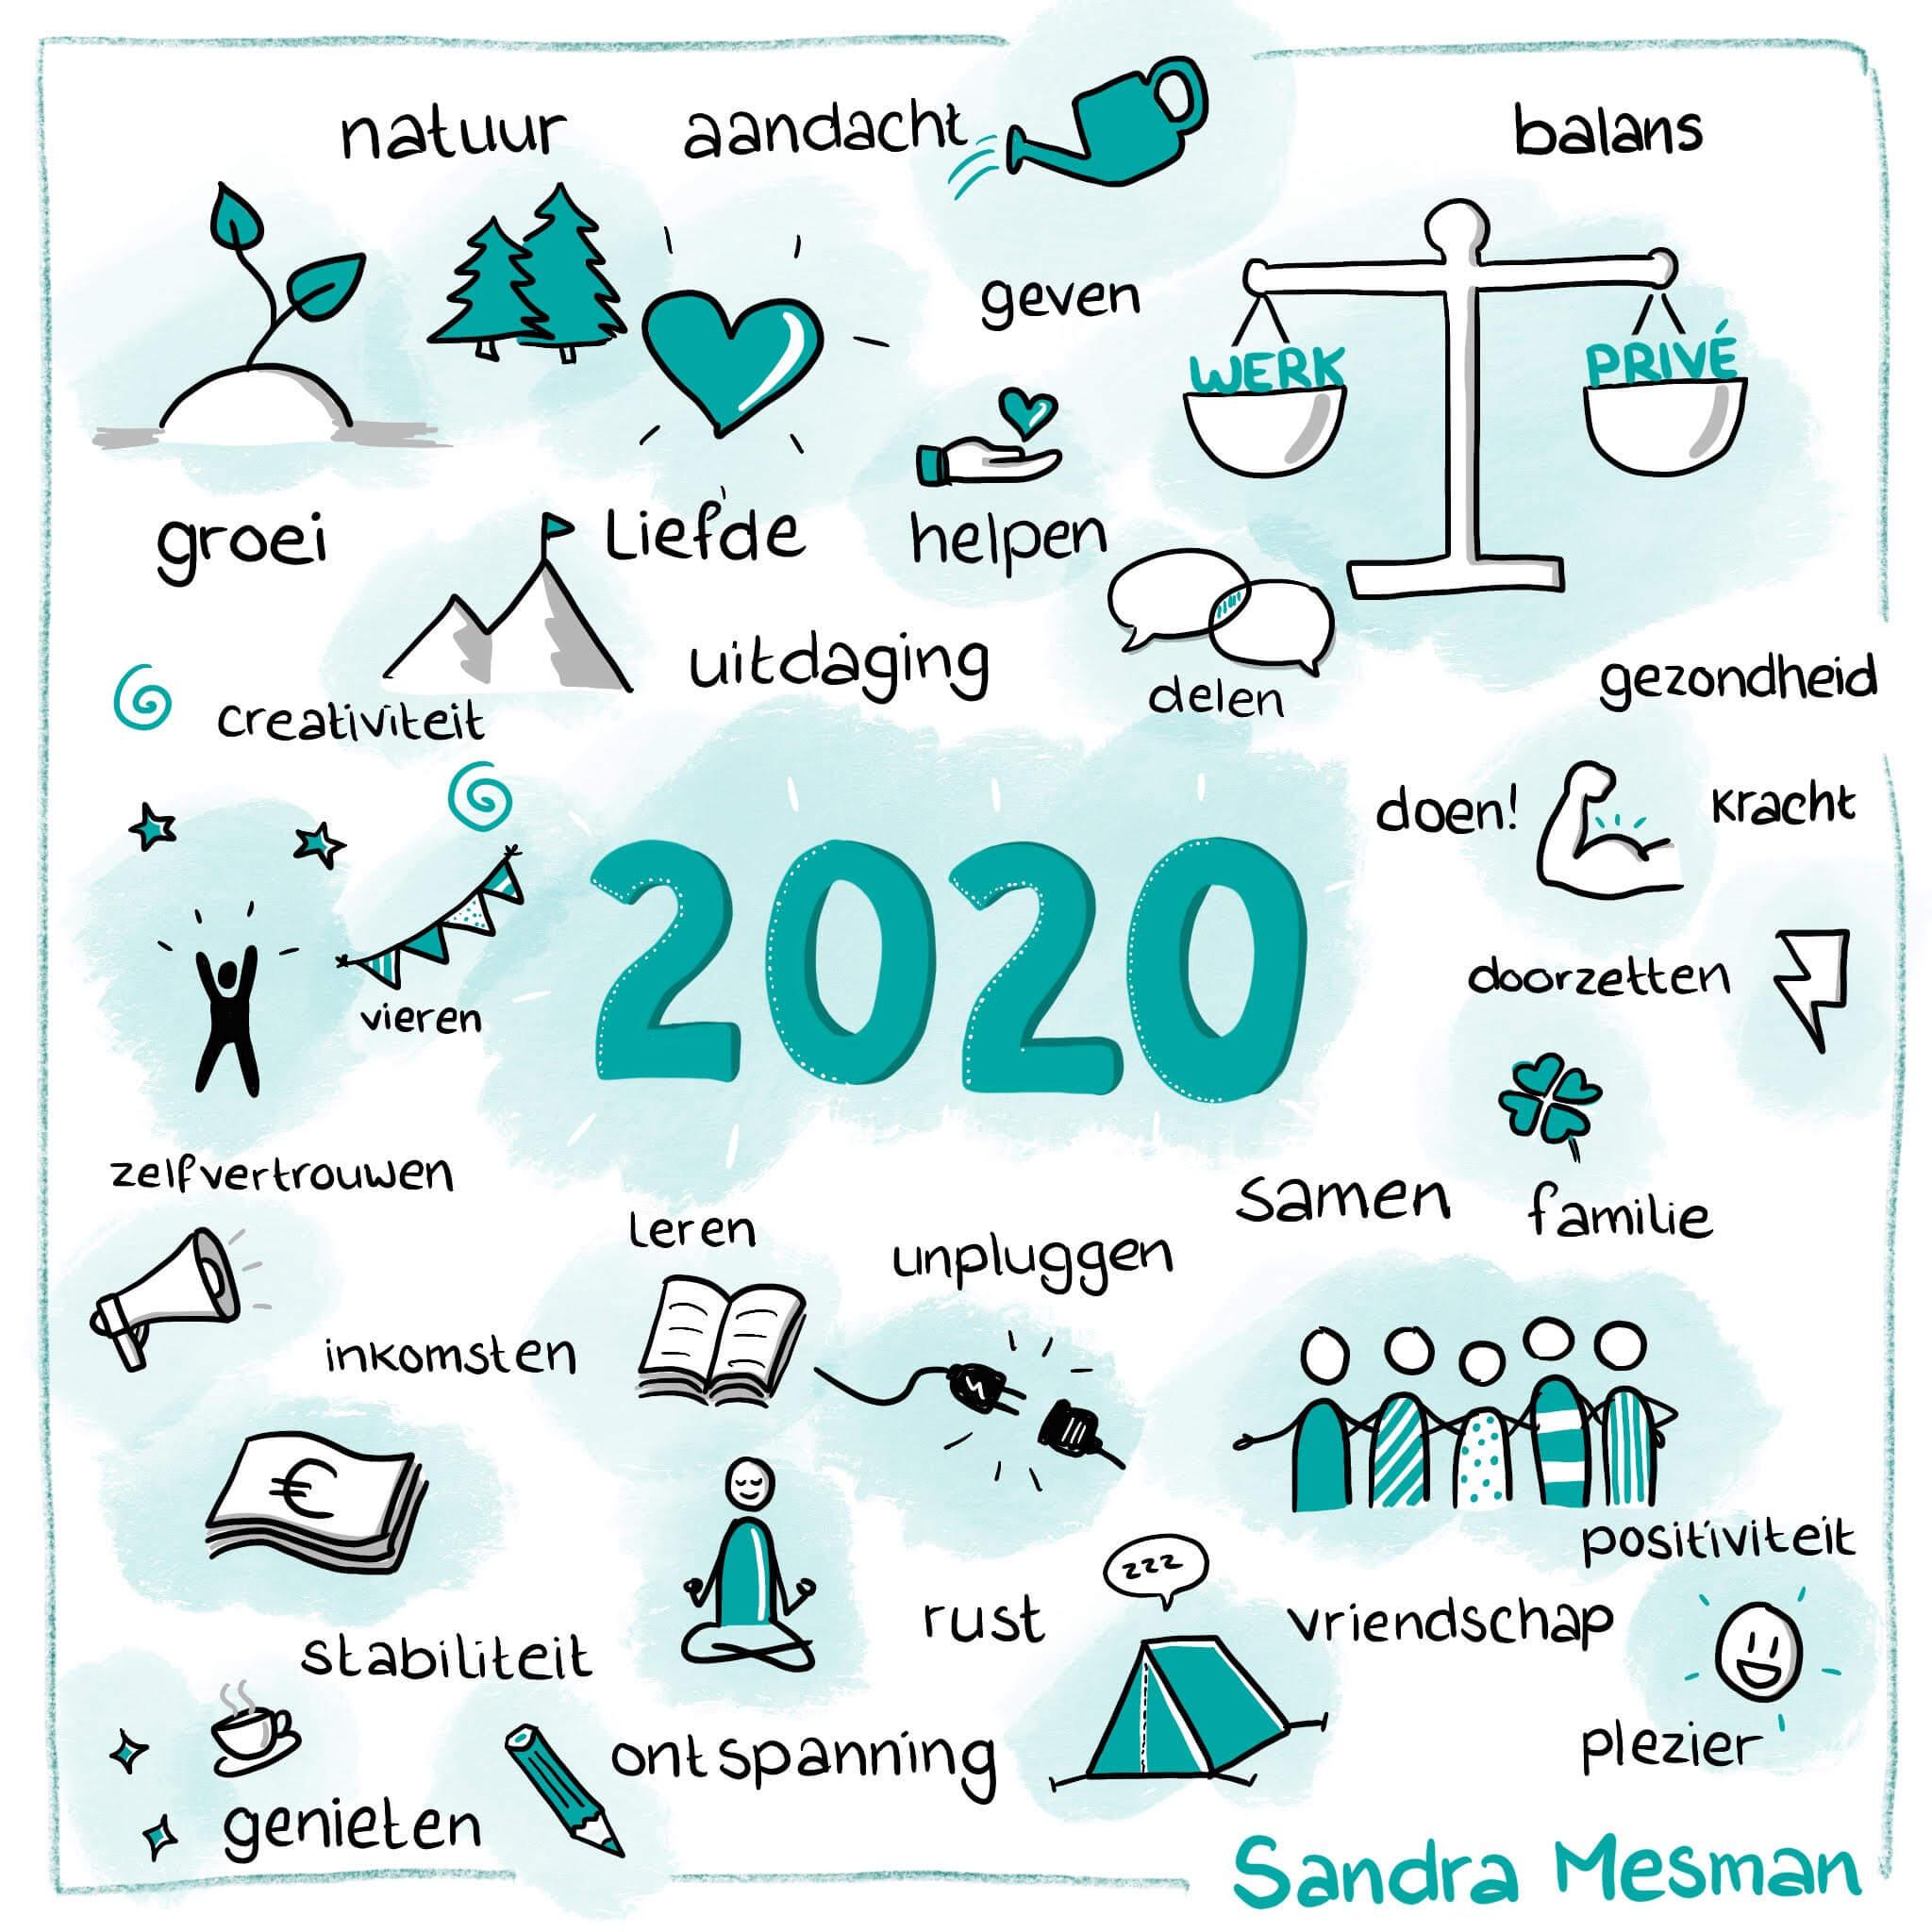 Teken je eigen visuele mindmap met je doelen voor 2020